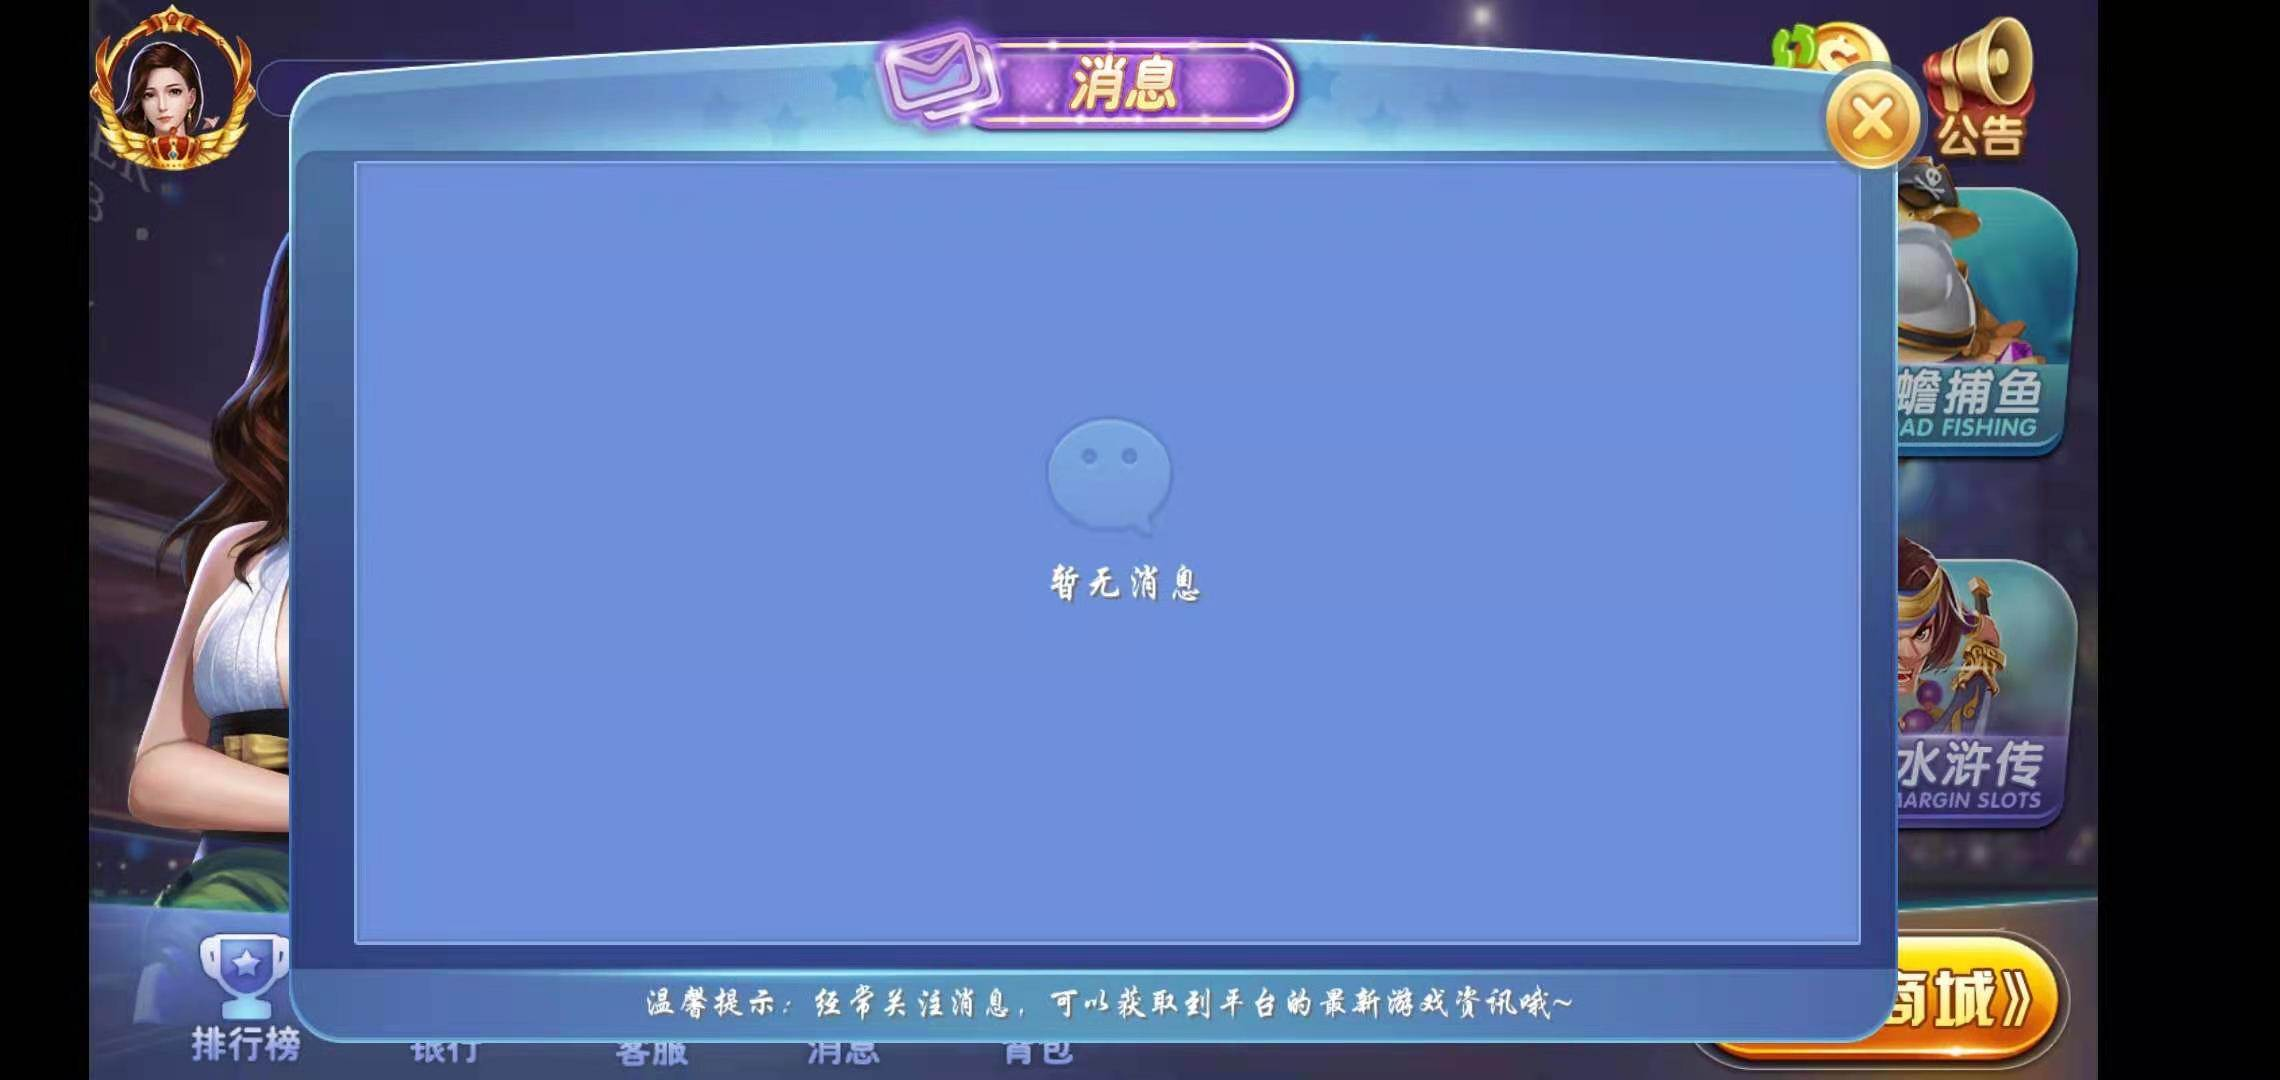 荣耀二开A8娱乐完整组件 服务器打包+全动态的大厅-第8张